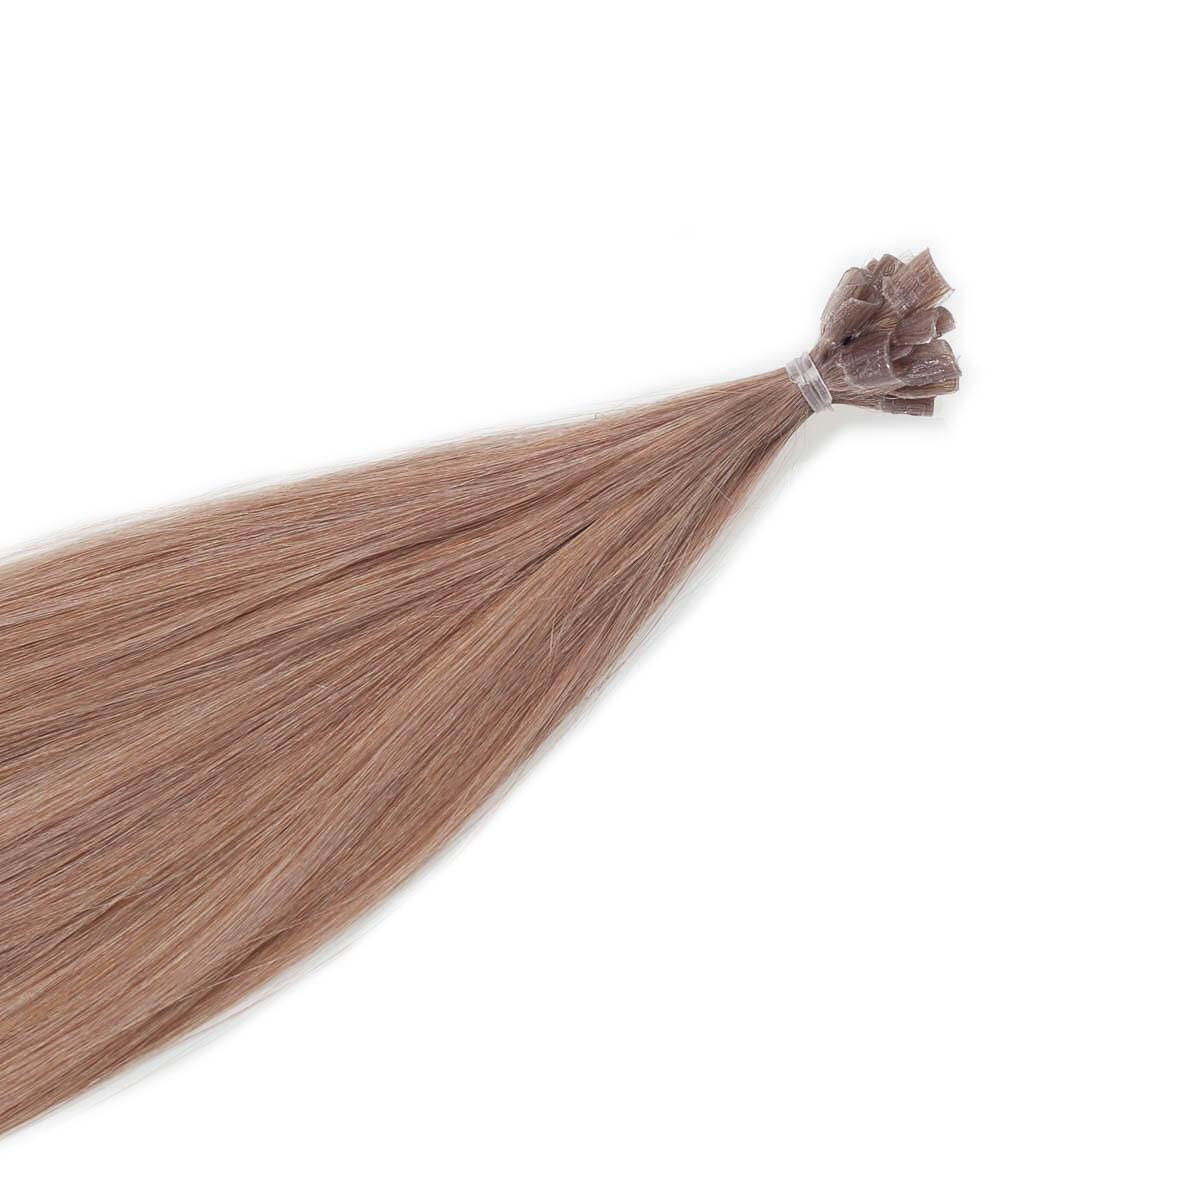 Nail Hair 7.1 Natural Ash 50 cm